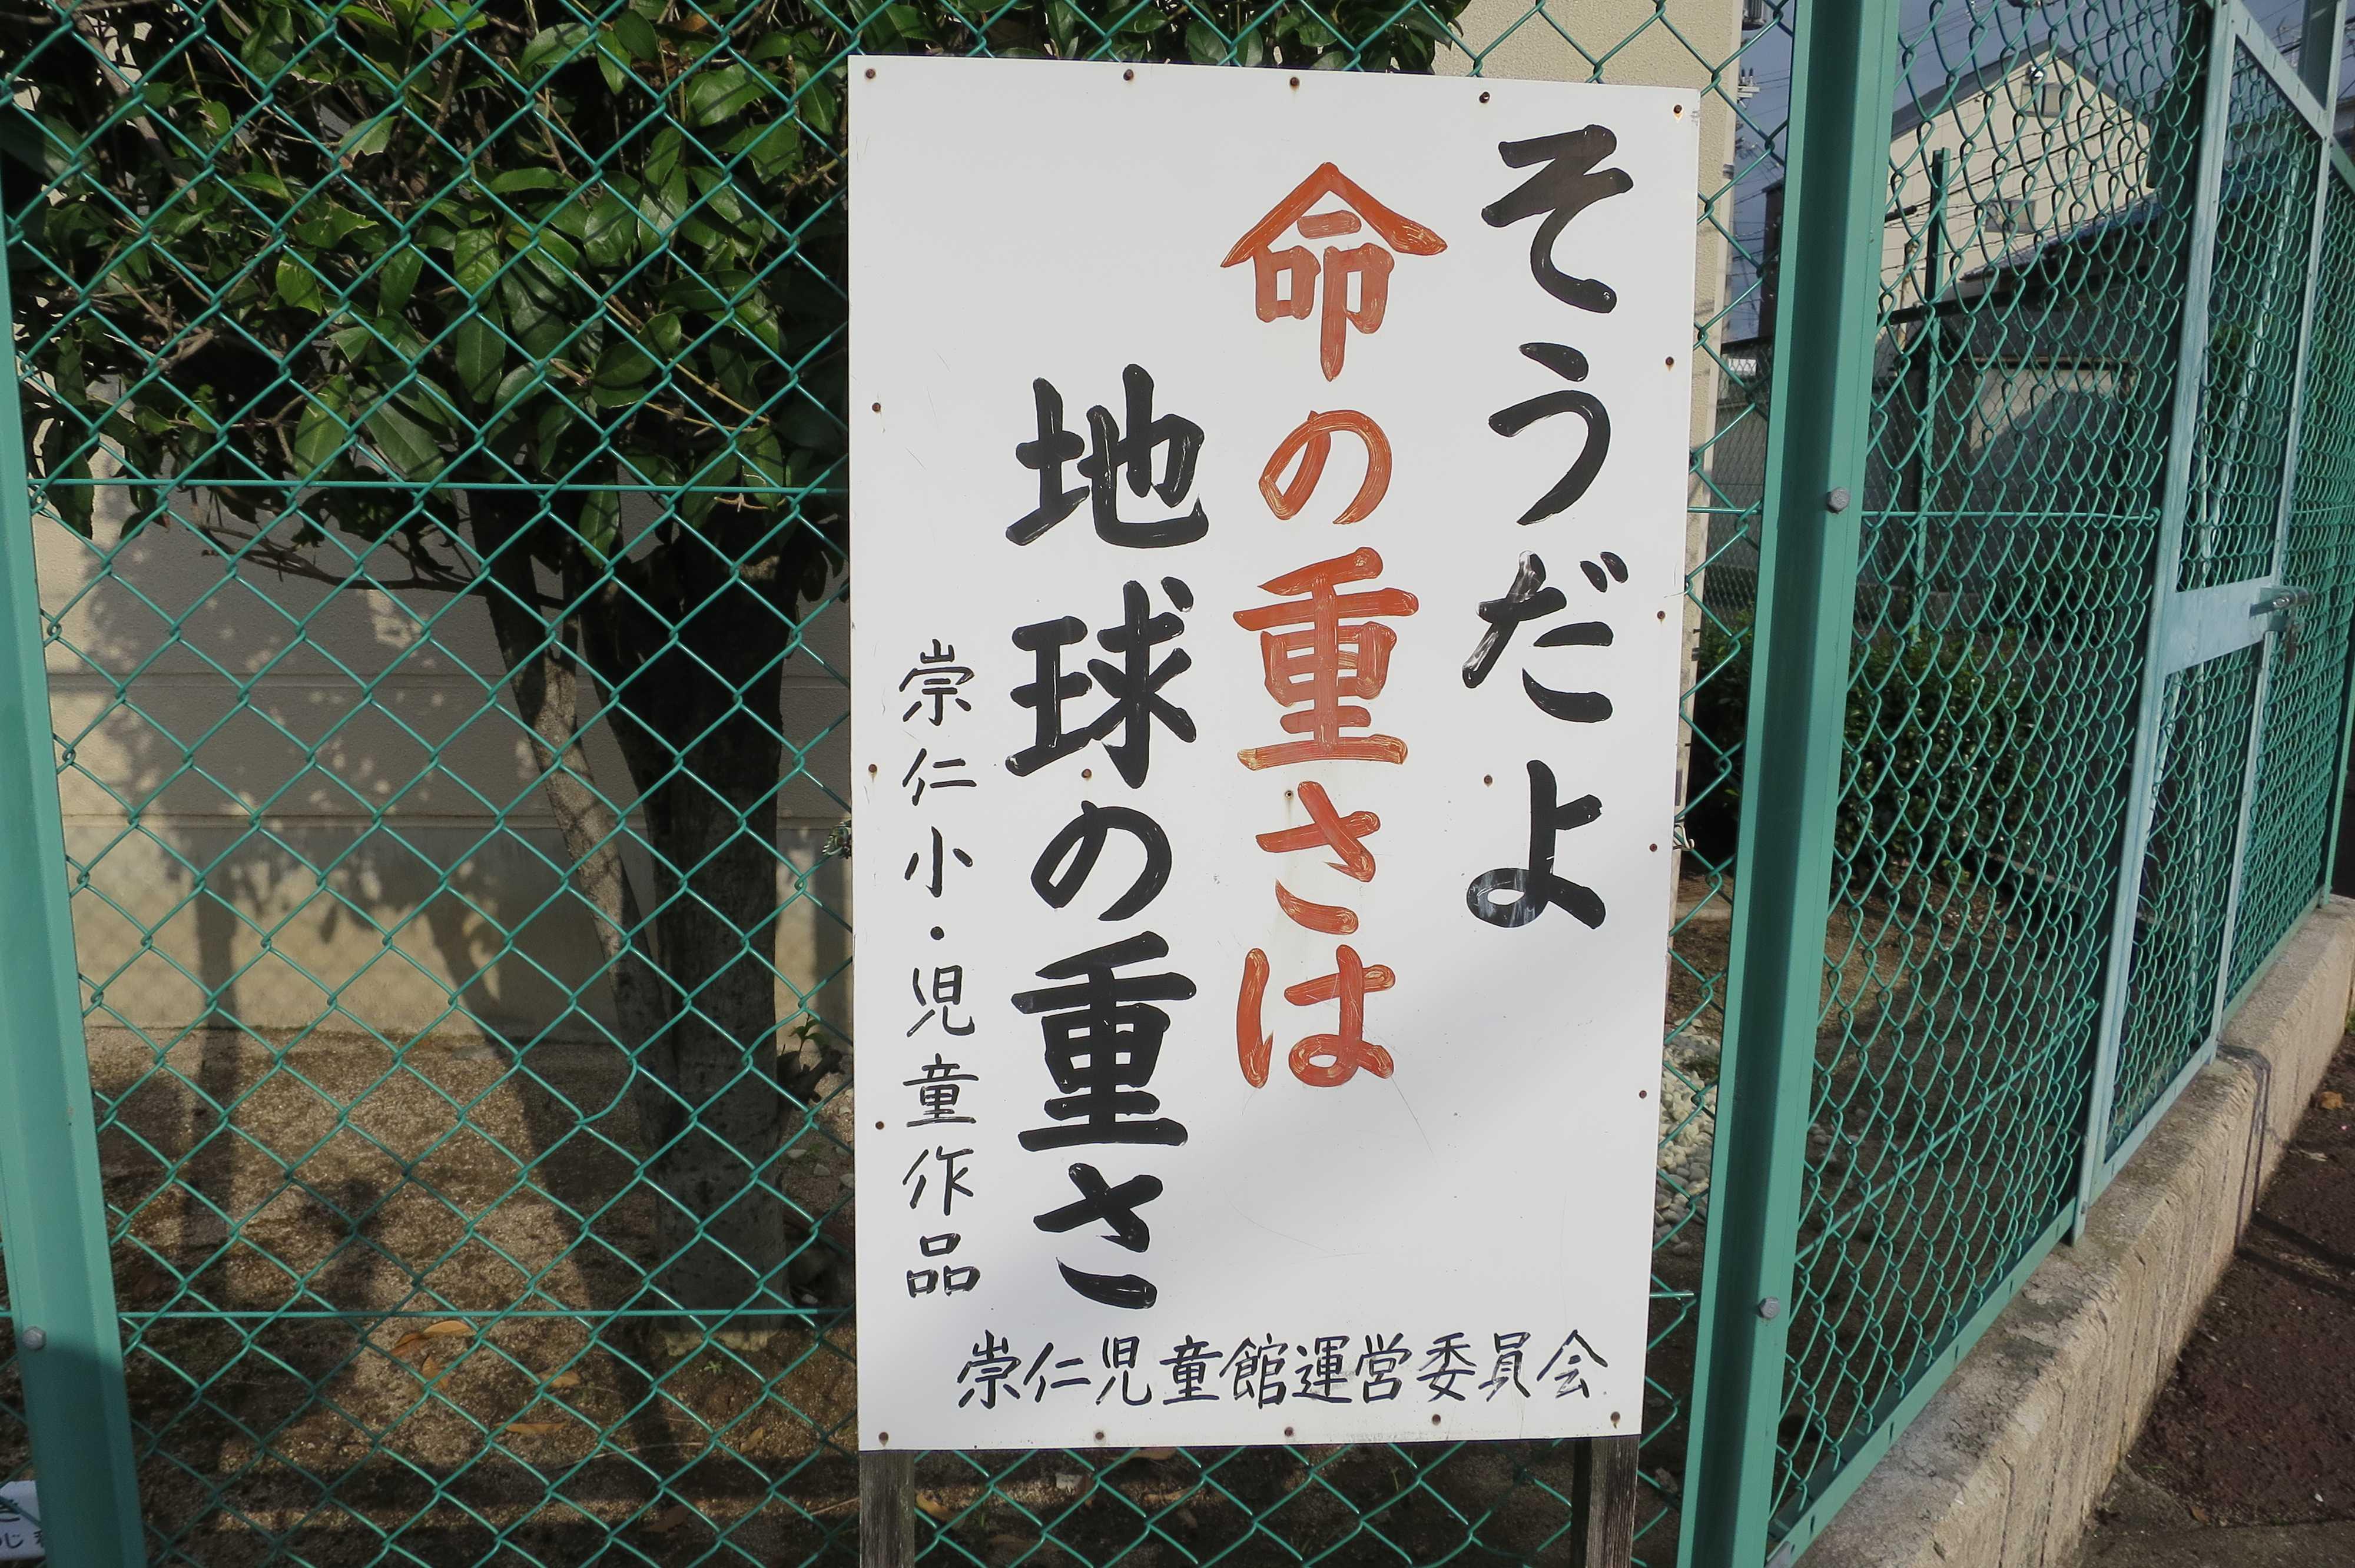 京都・崇仁地区 - 「そうだよ 命の重さは 地球の重さ」 崇仁小・児童作品 崇仁児童館運営委員会